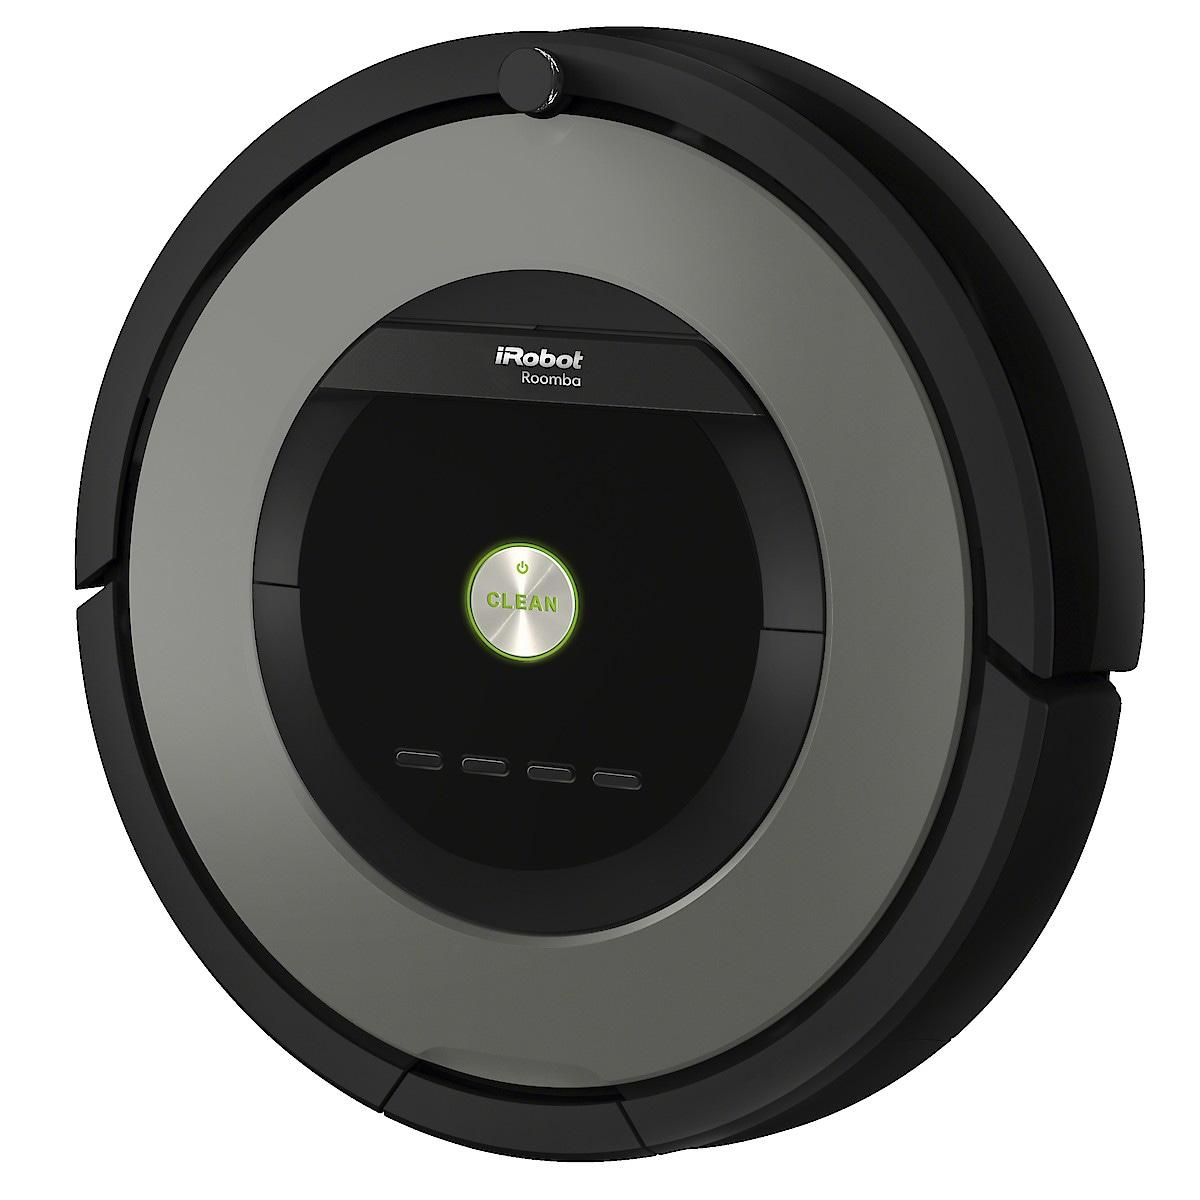 Robotdammsugare iRobot Roomba 866